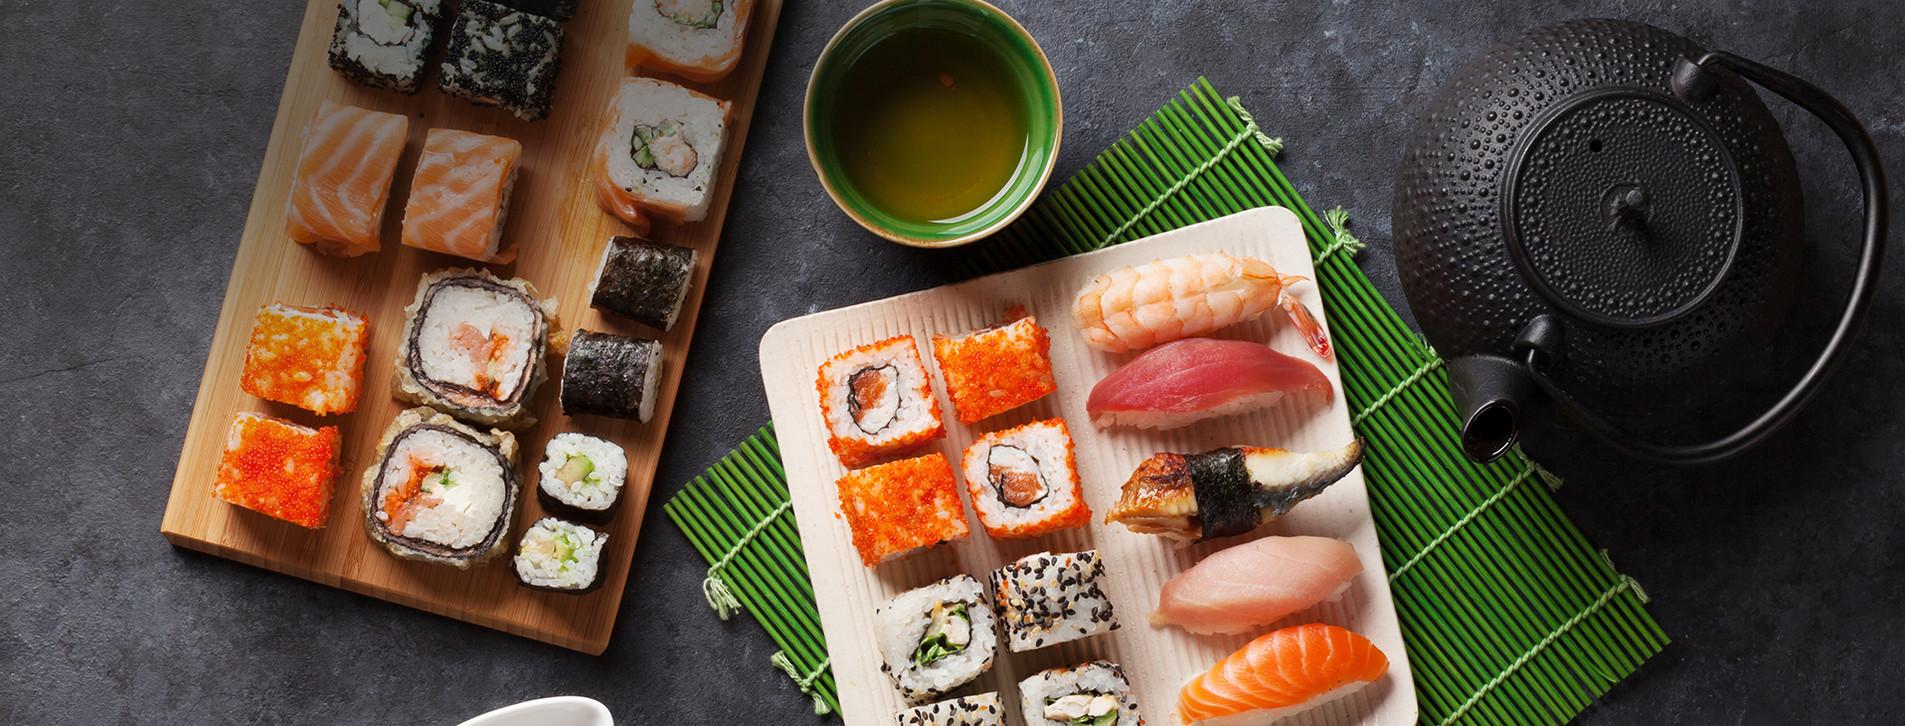 Фото - Майстер-клас суші для двох